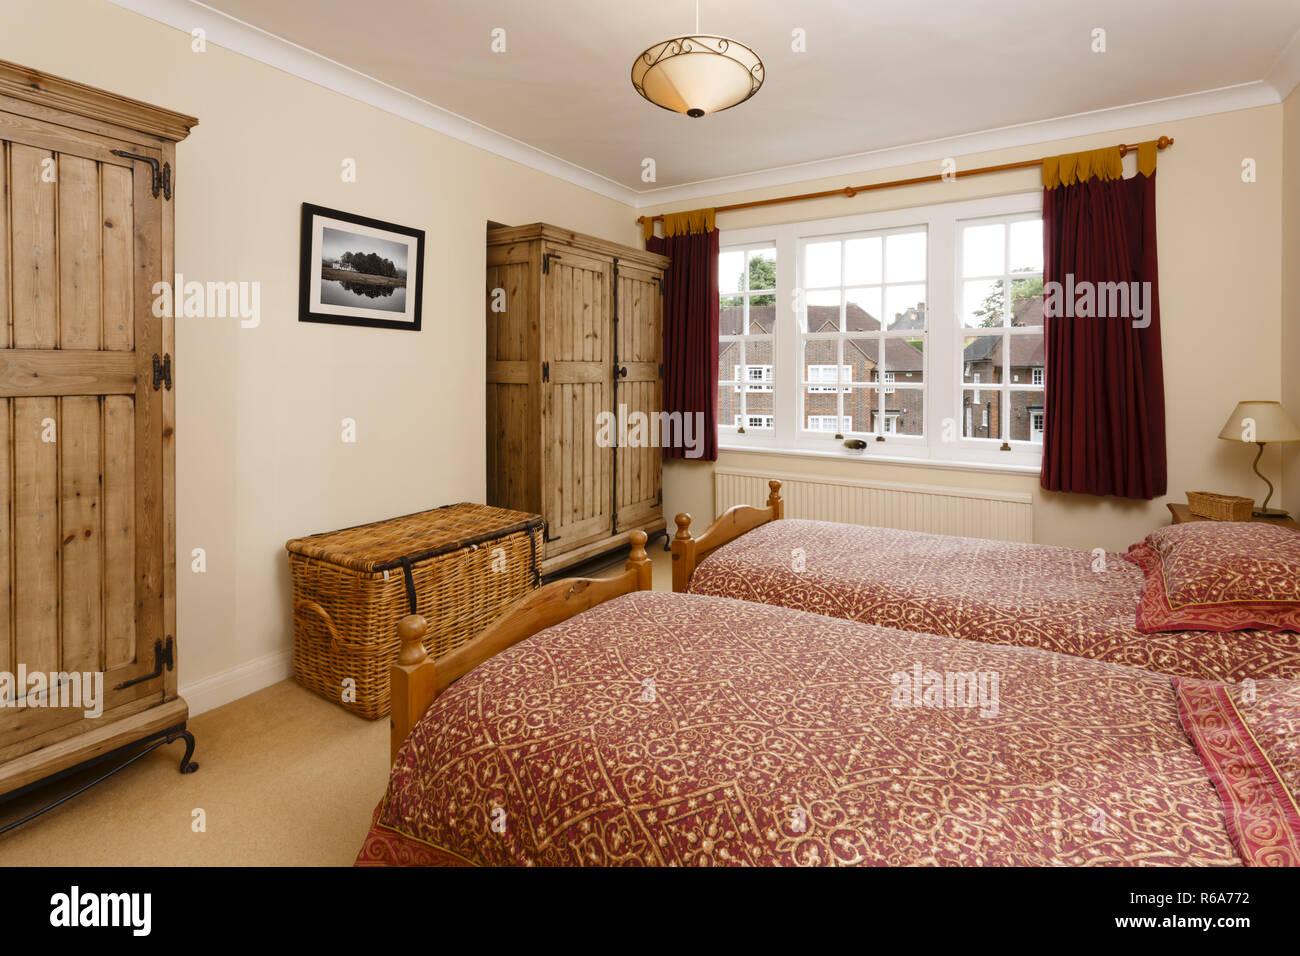 Chambre avec meubles en bois y compris les meubles pin antique Banque D'Images